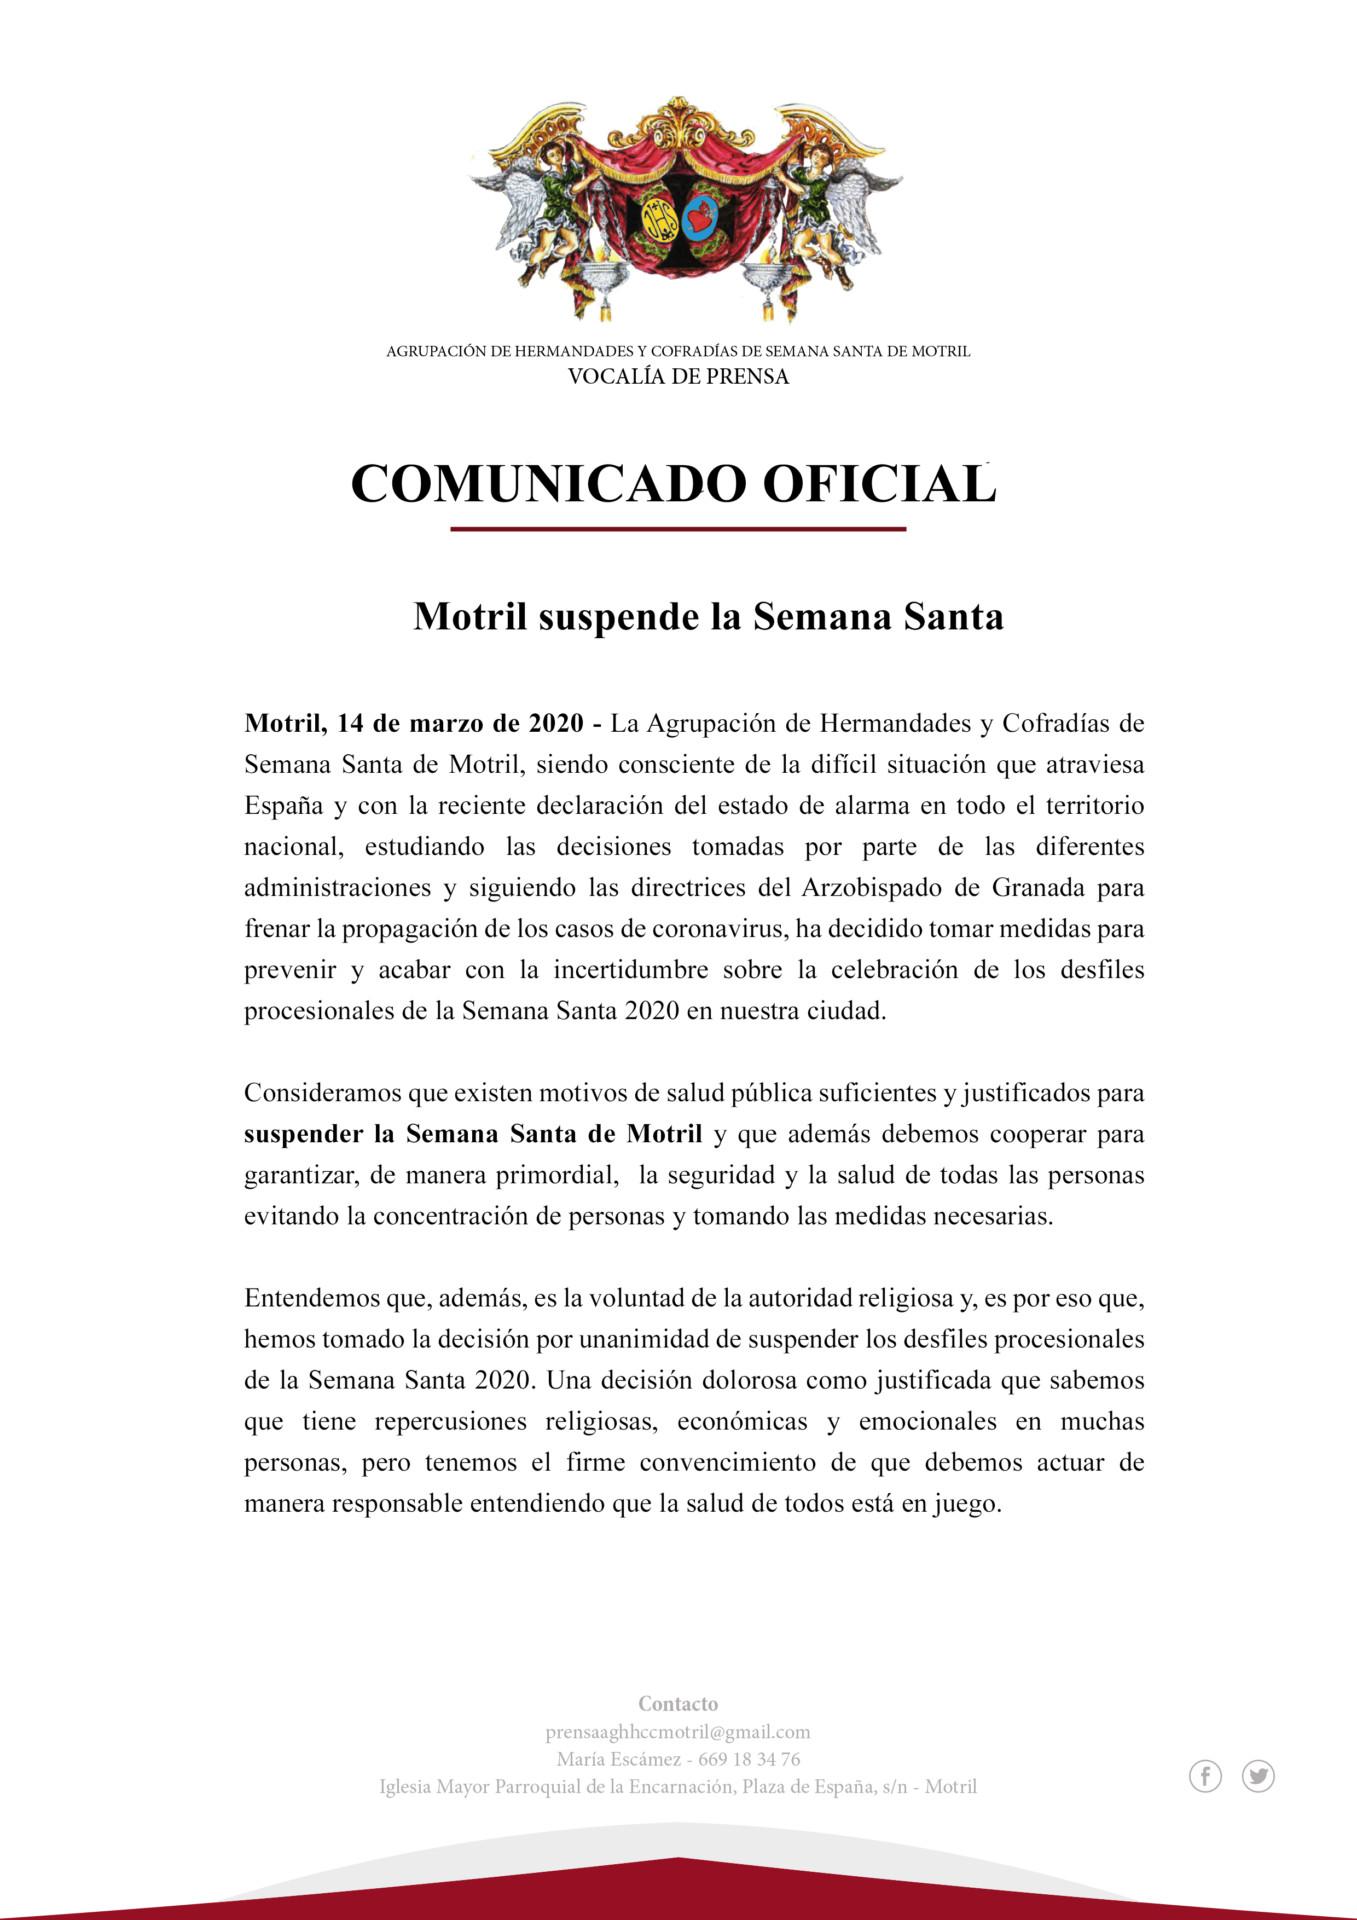 La decisión ha acabado con la incertidumbre ante el crecimiento de los casos de Covid-19 en Andalucía